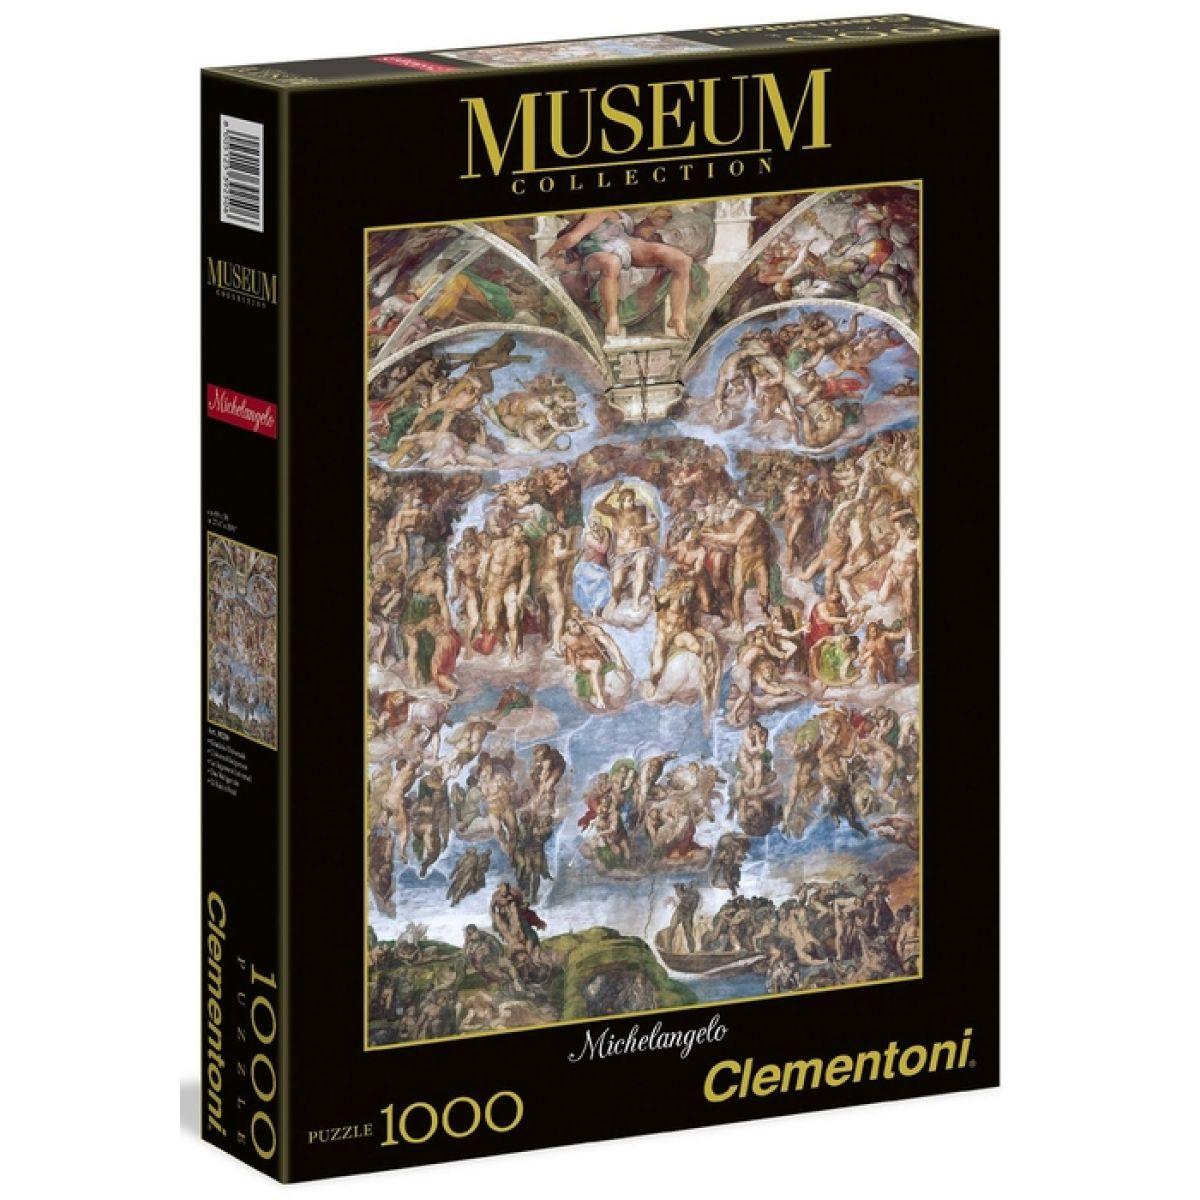 Clementoni Puzzle Museum Michelangelo Poslední soud 1000d